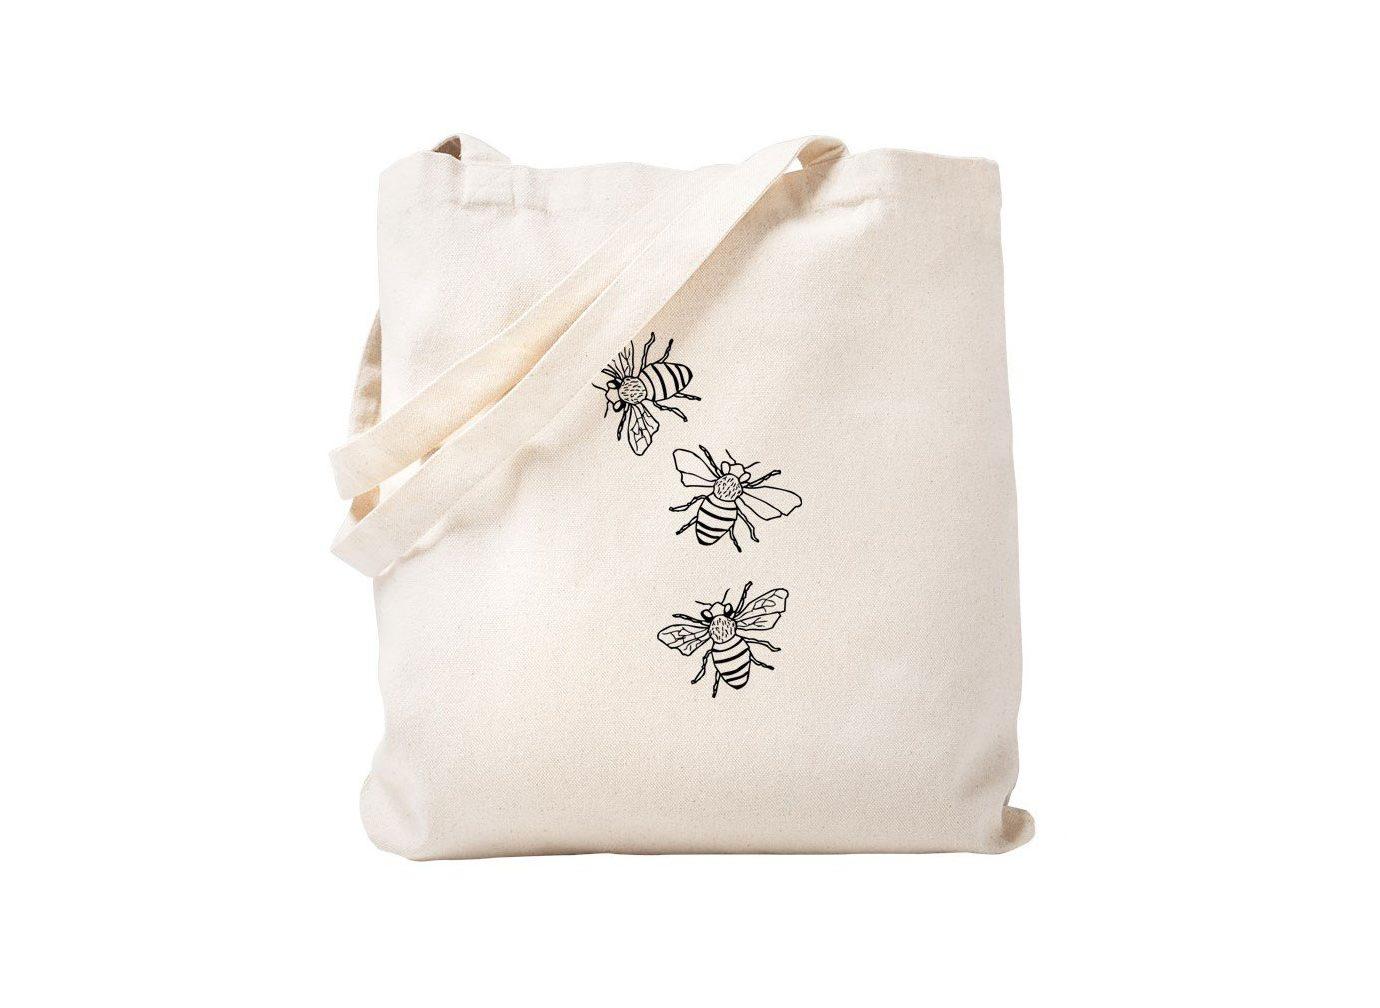 CafePress Honey Bees Natural Canvas Tote Bag, Cloth Shopping Bag on Amazon